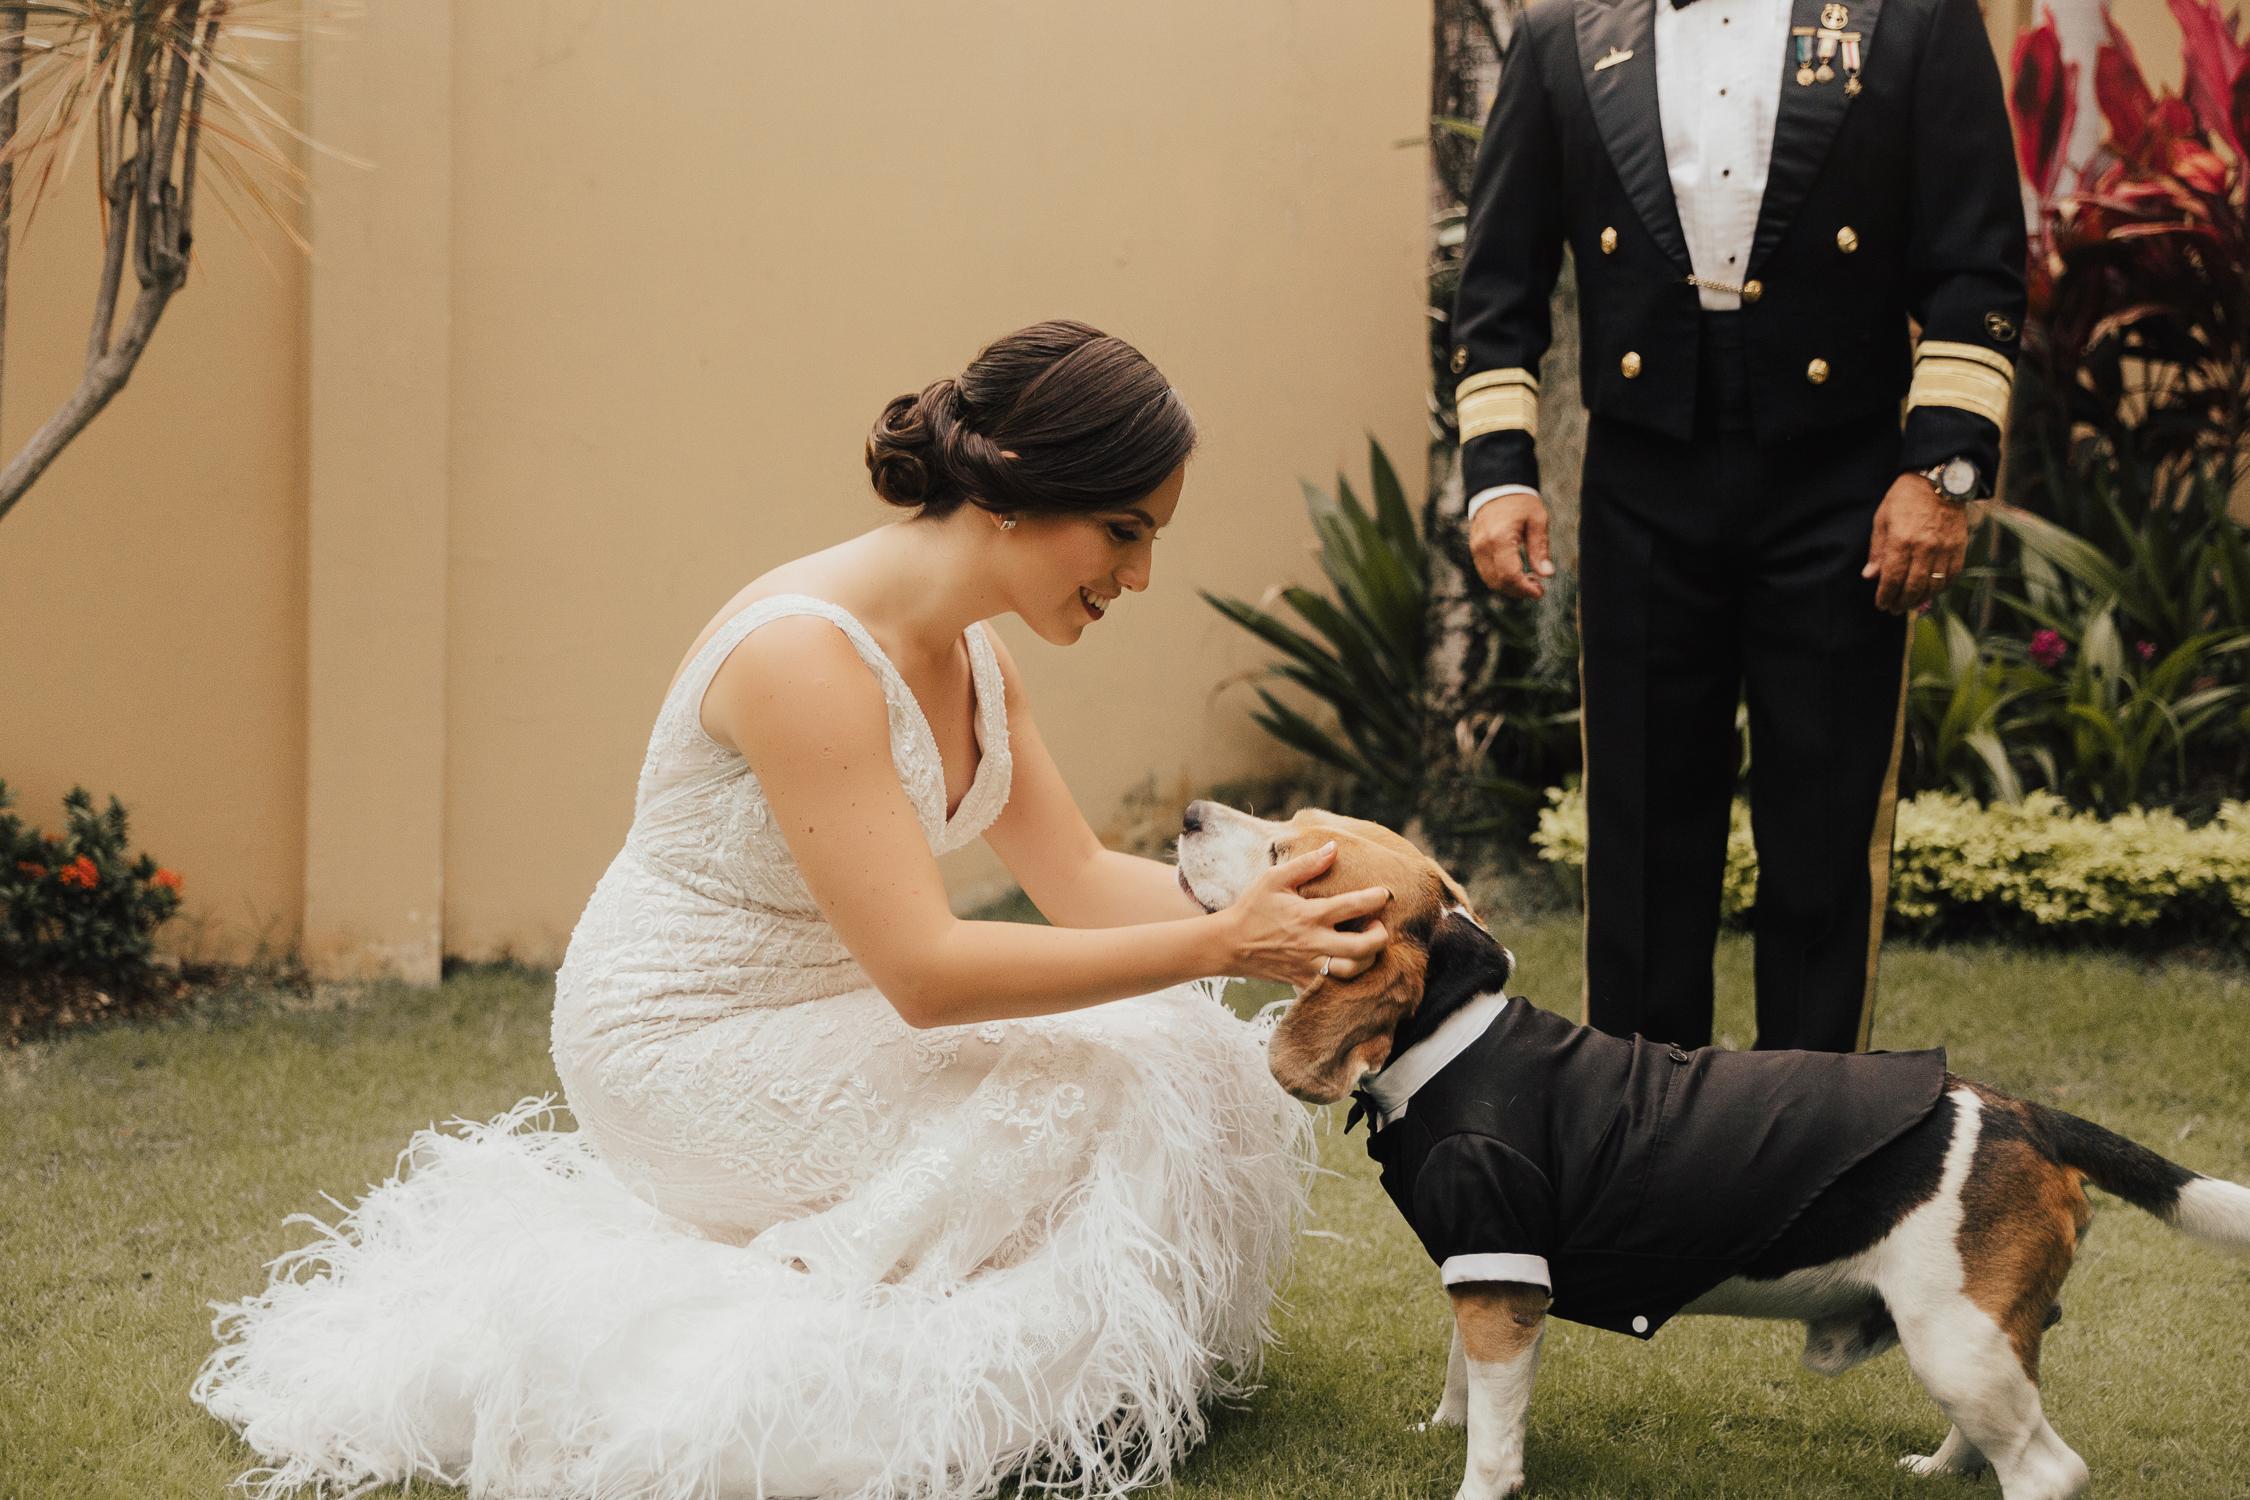 Michelle-Agurto-Fotografia-Bodas-Ecuador-Destination-Wedding-Photographer-Ecuador-Mercedes-Alvaro-29.JPG